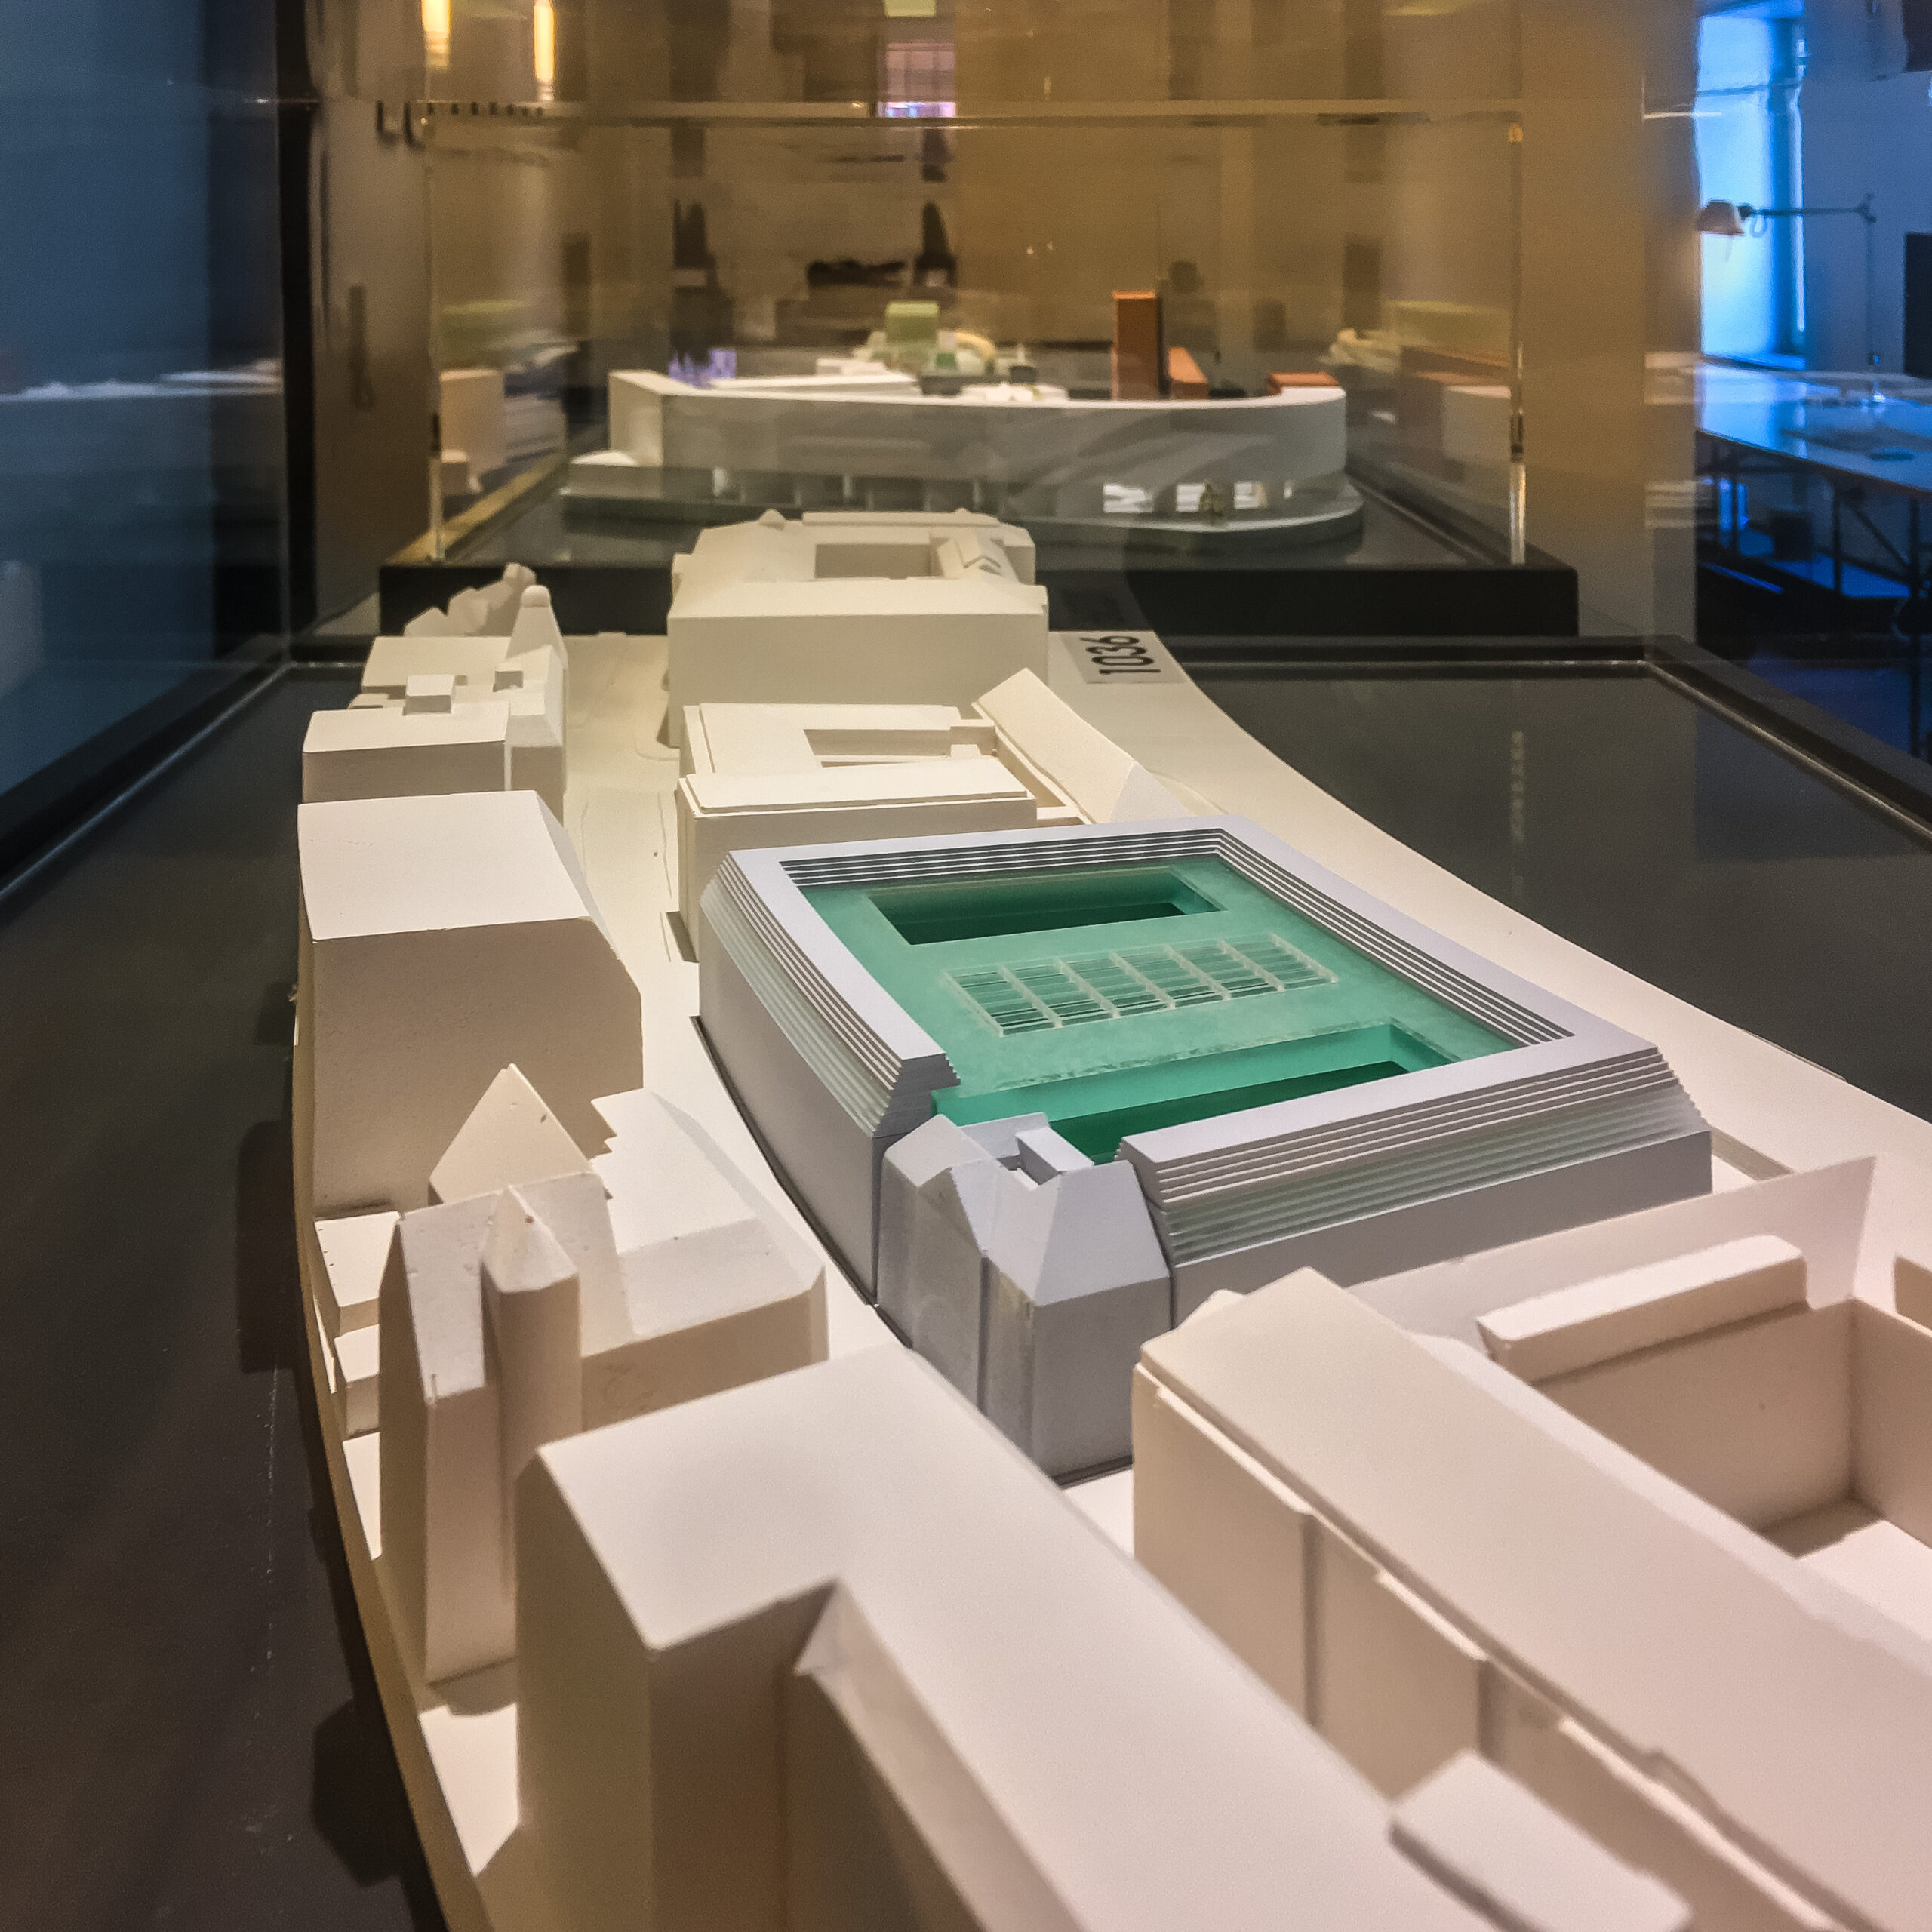 Ausstellung von Architekturmodellen in Glasvitrinen